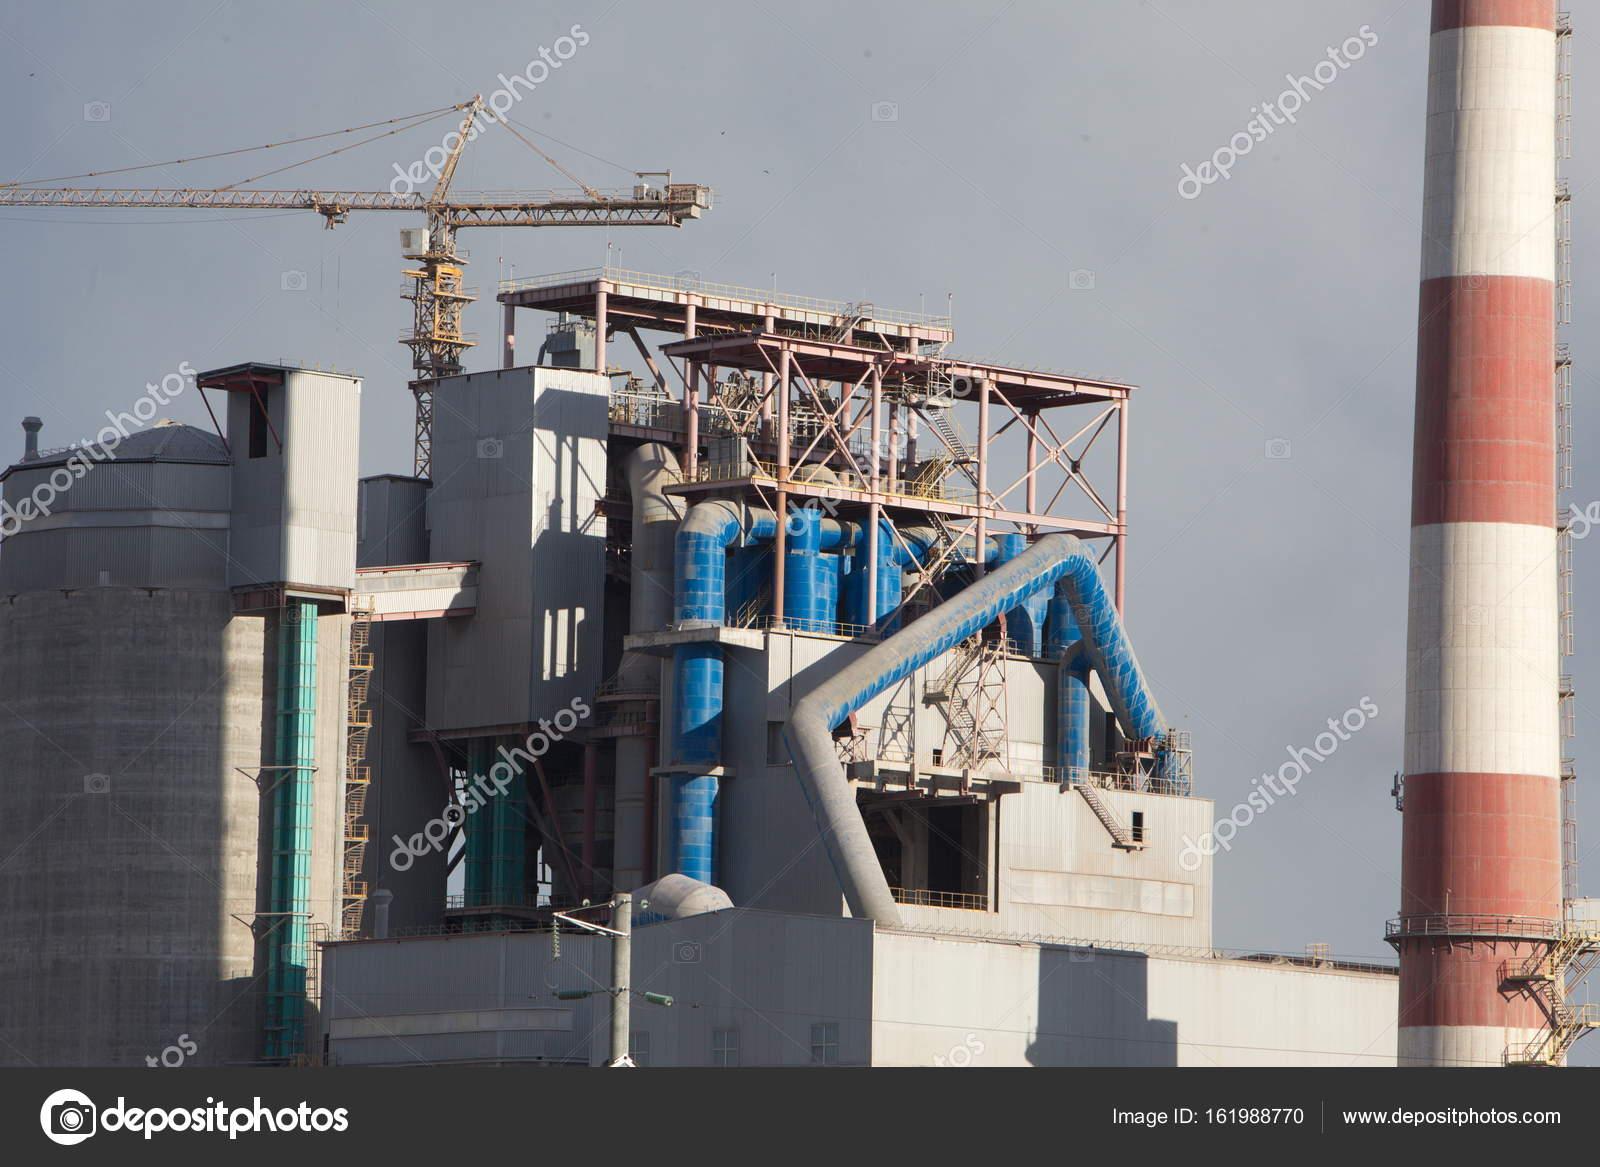 Çimento çözümü: Kompozisyon ve imalat